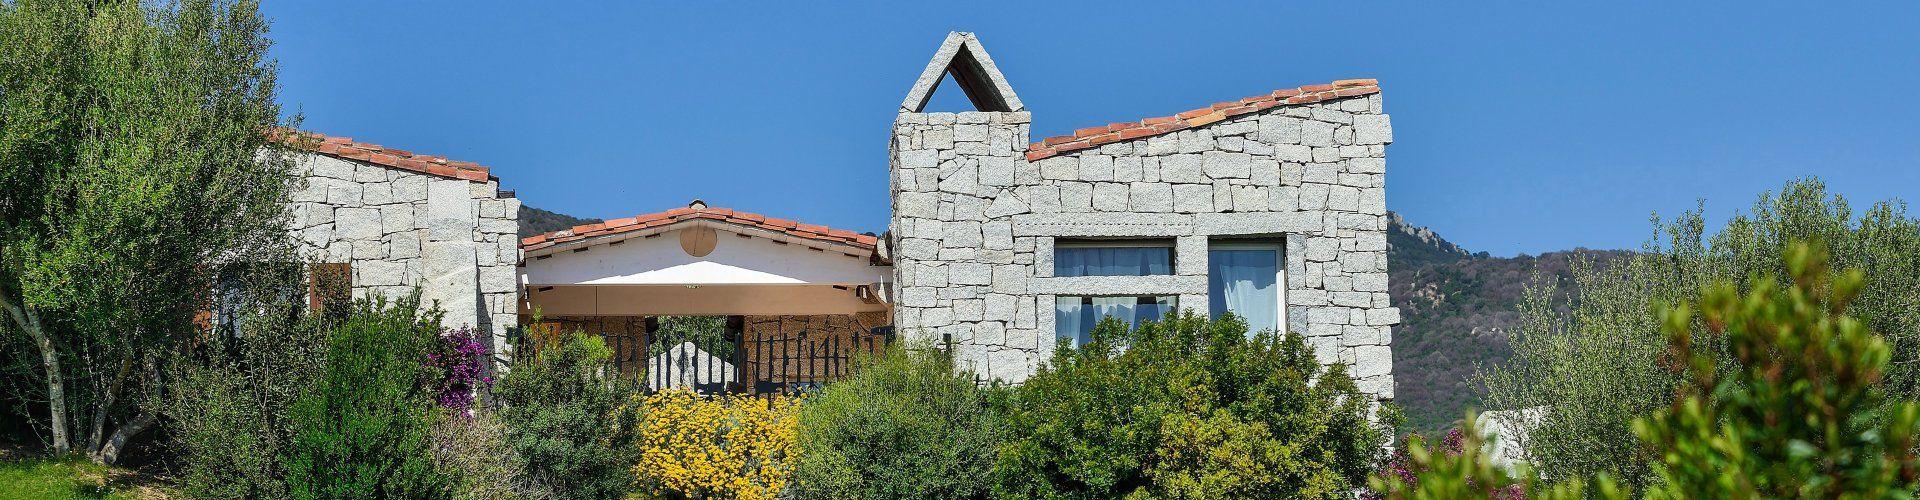 Ferienvilla in Süd-Ost Sardinien mit Gemeinschaftspool